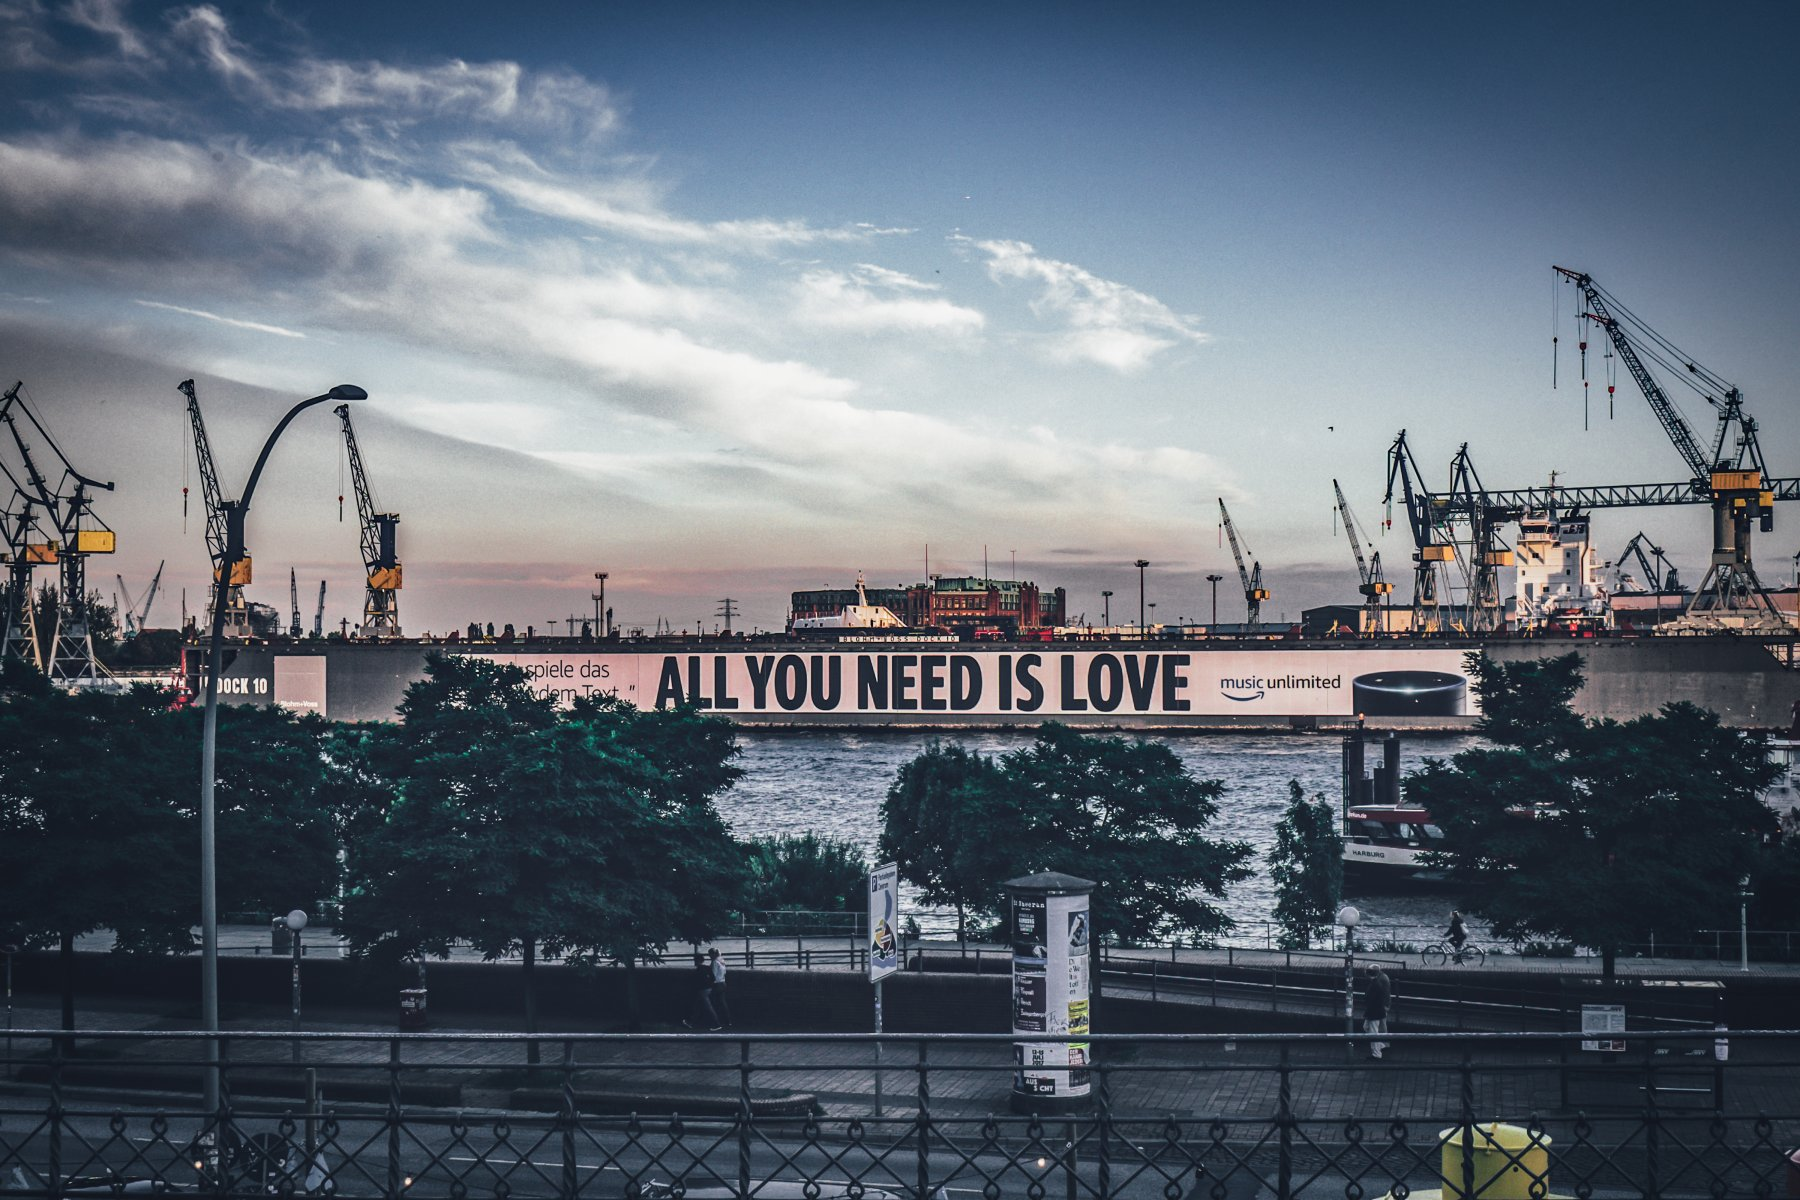 All you need is Hamburg!